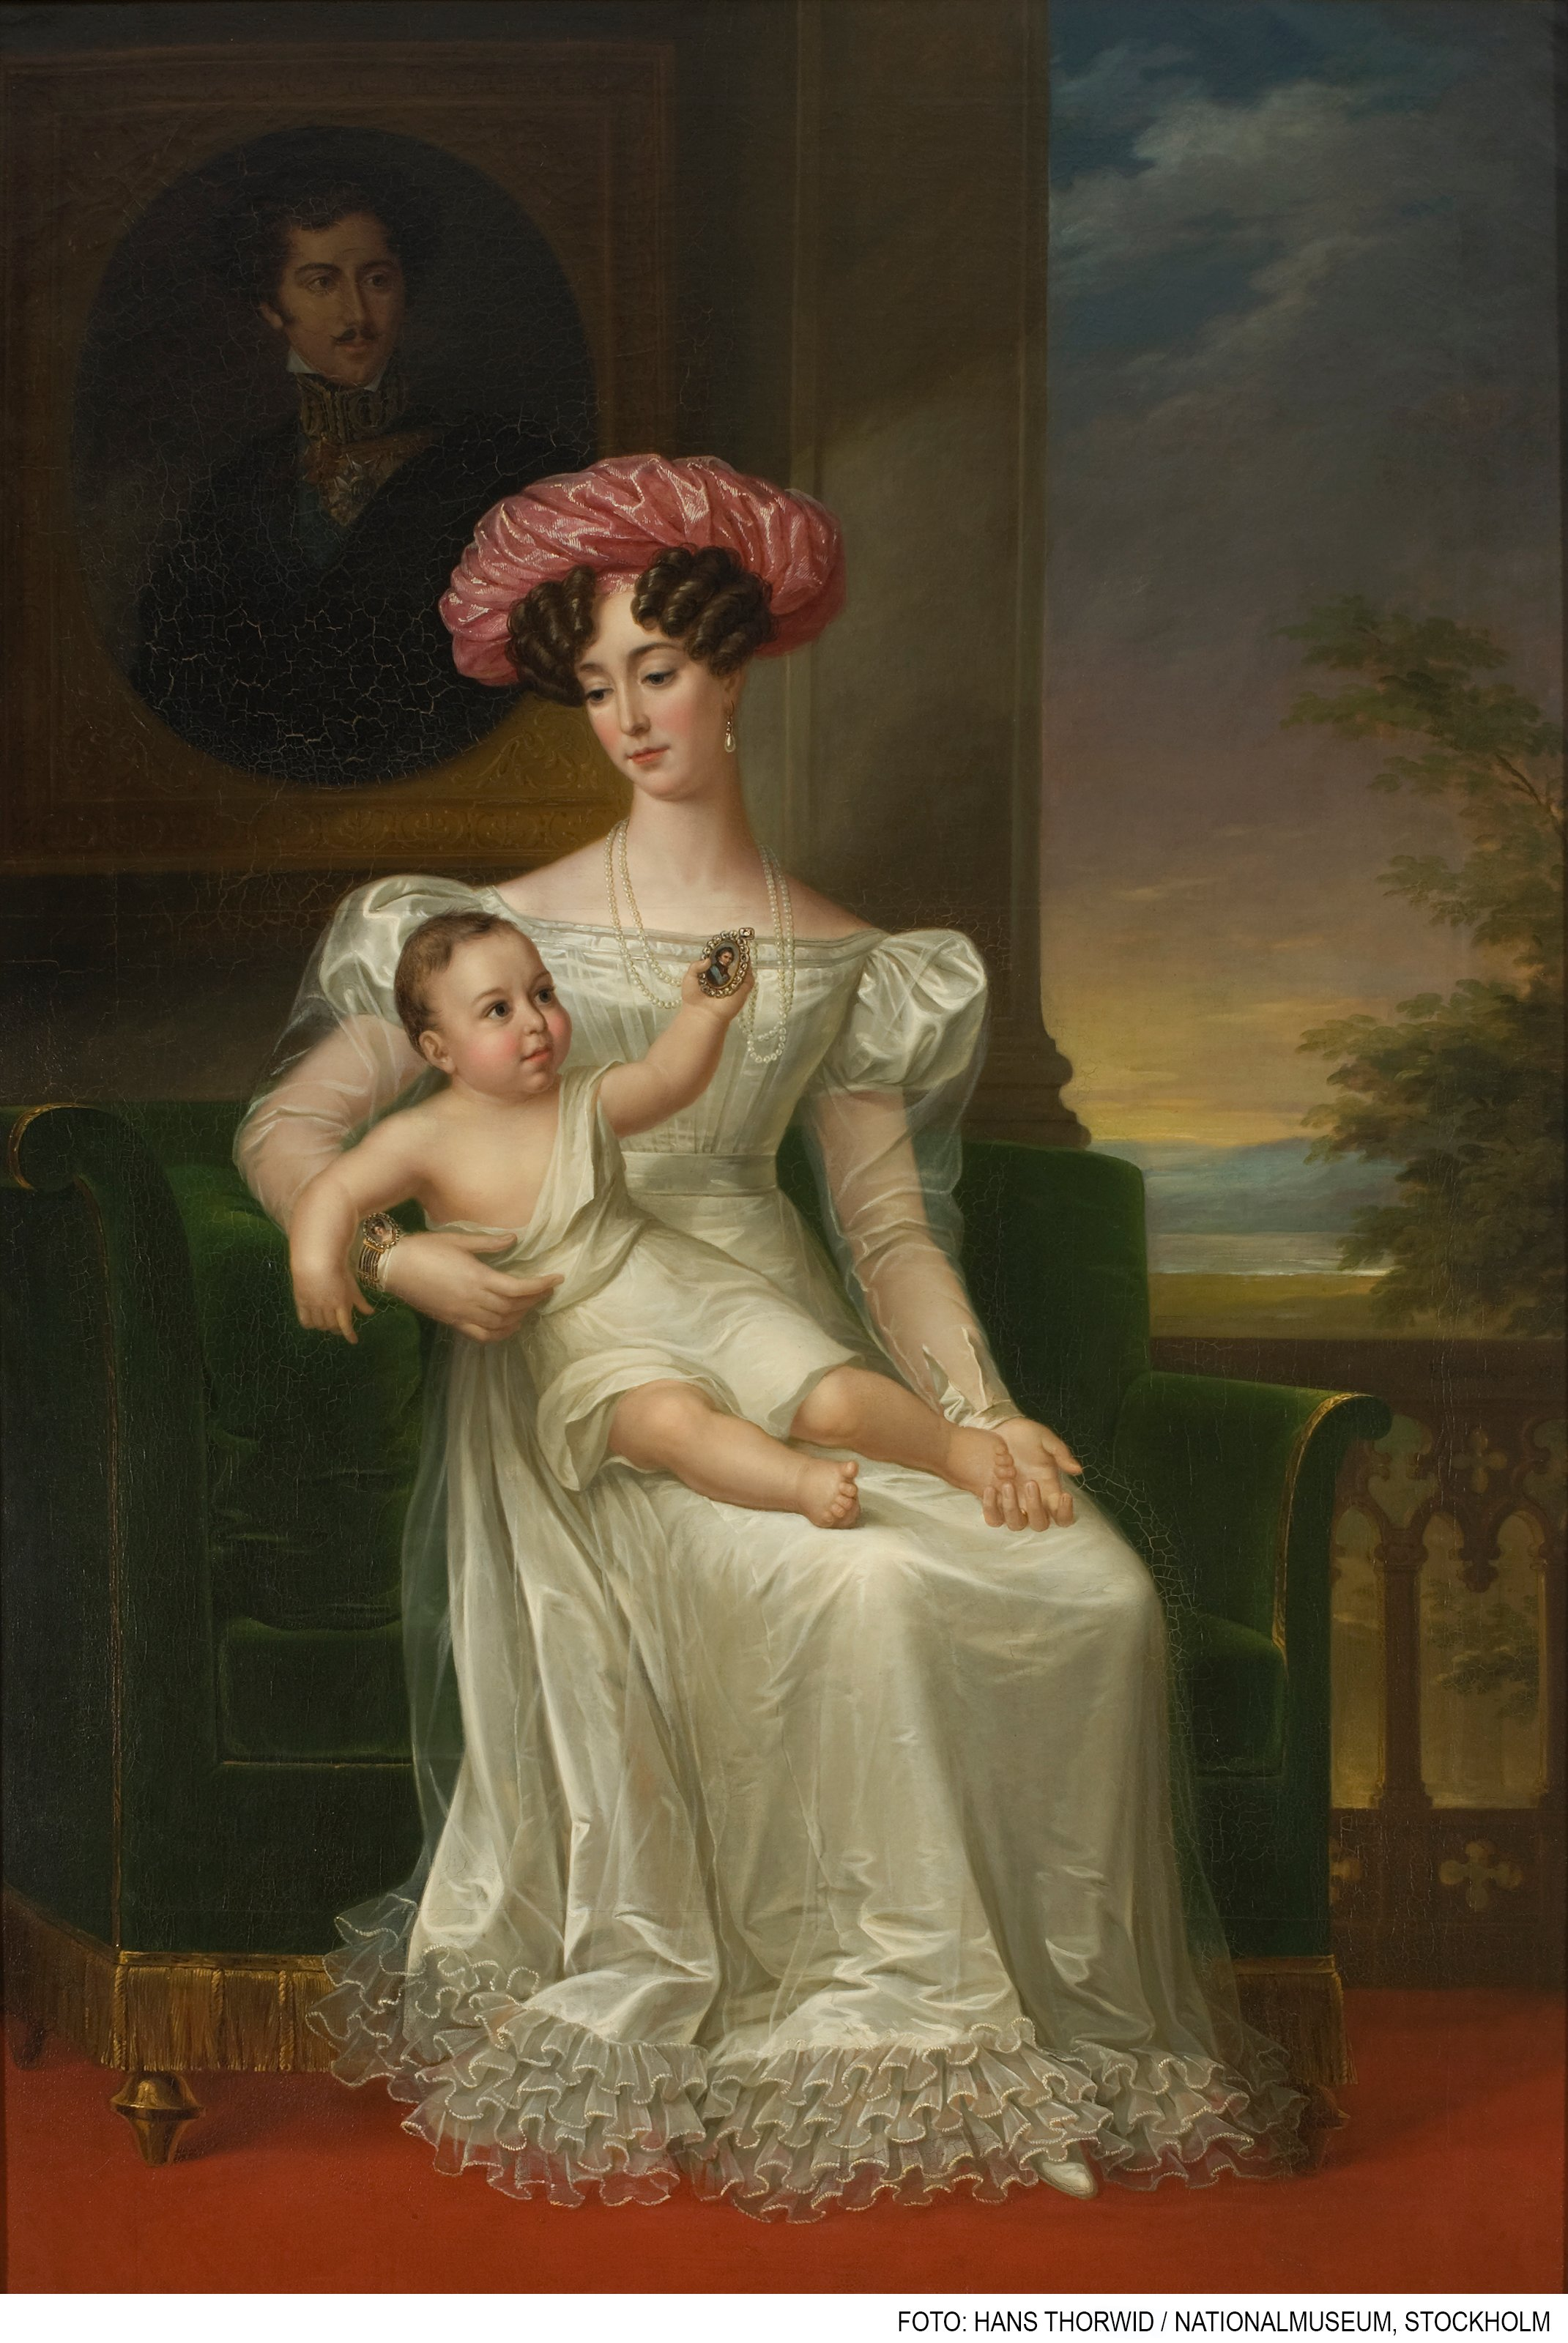 DROTTNING JOSEFINA AV LEUCHTENBERG MED KARL XV av FREDRIC WESTIN